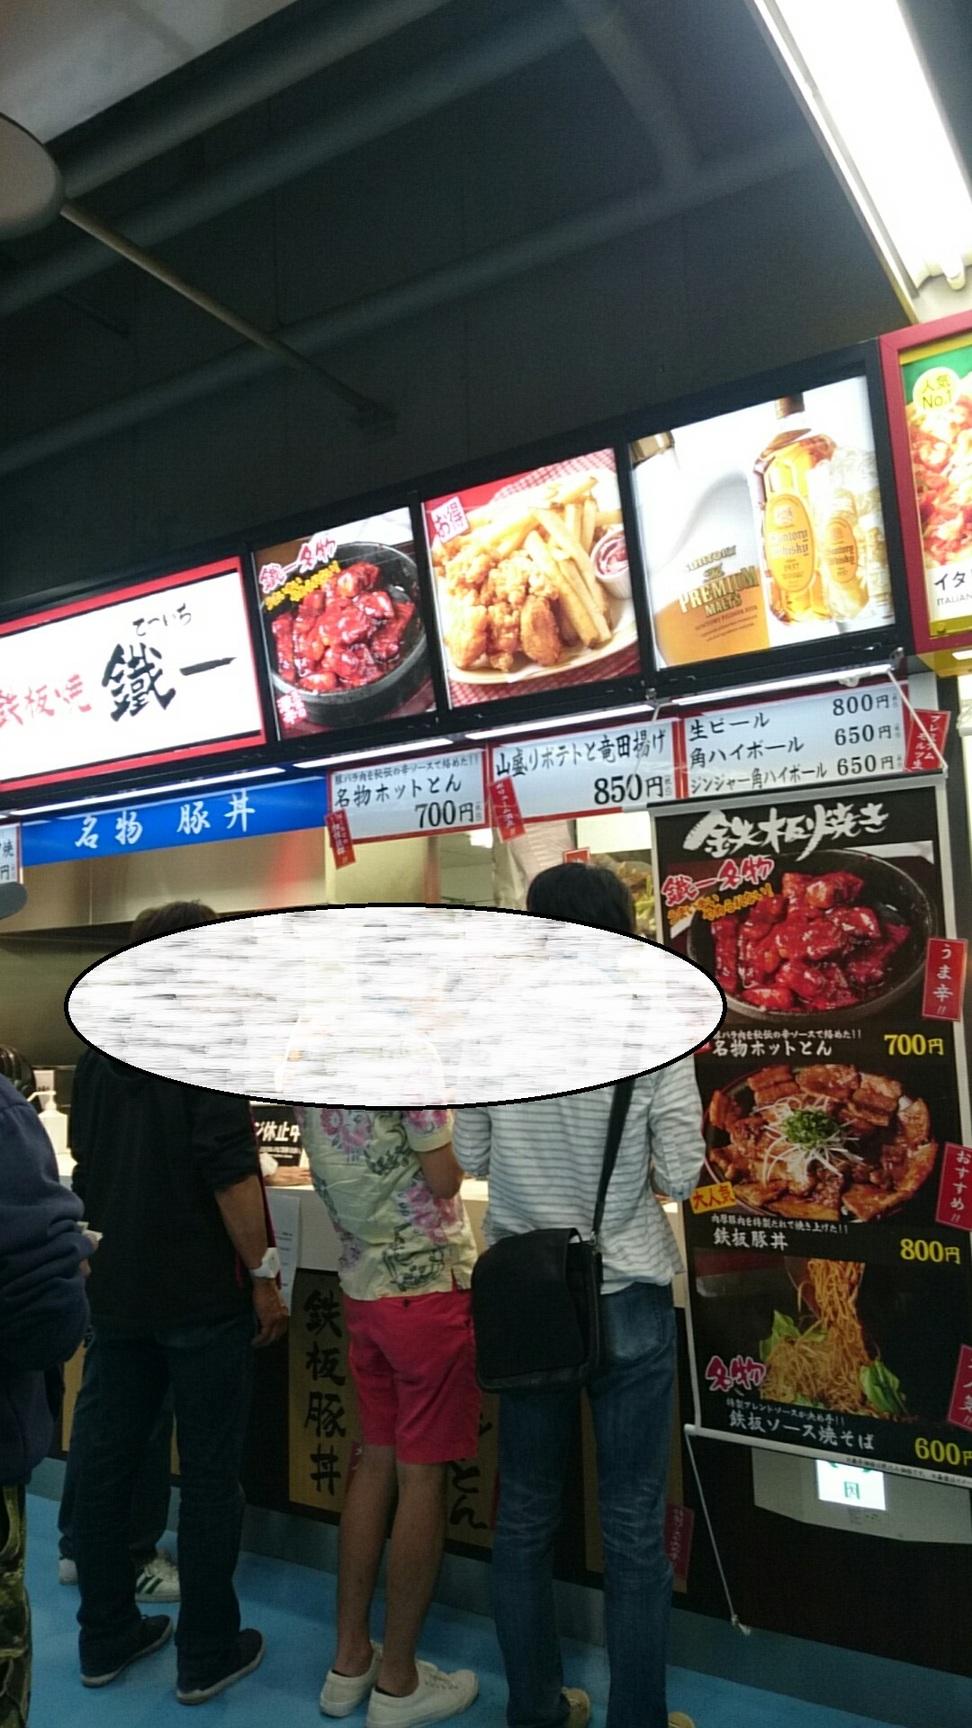 鐵一 東京ドーム店